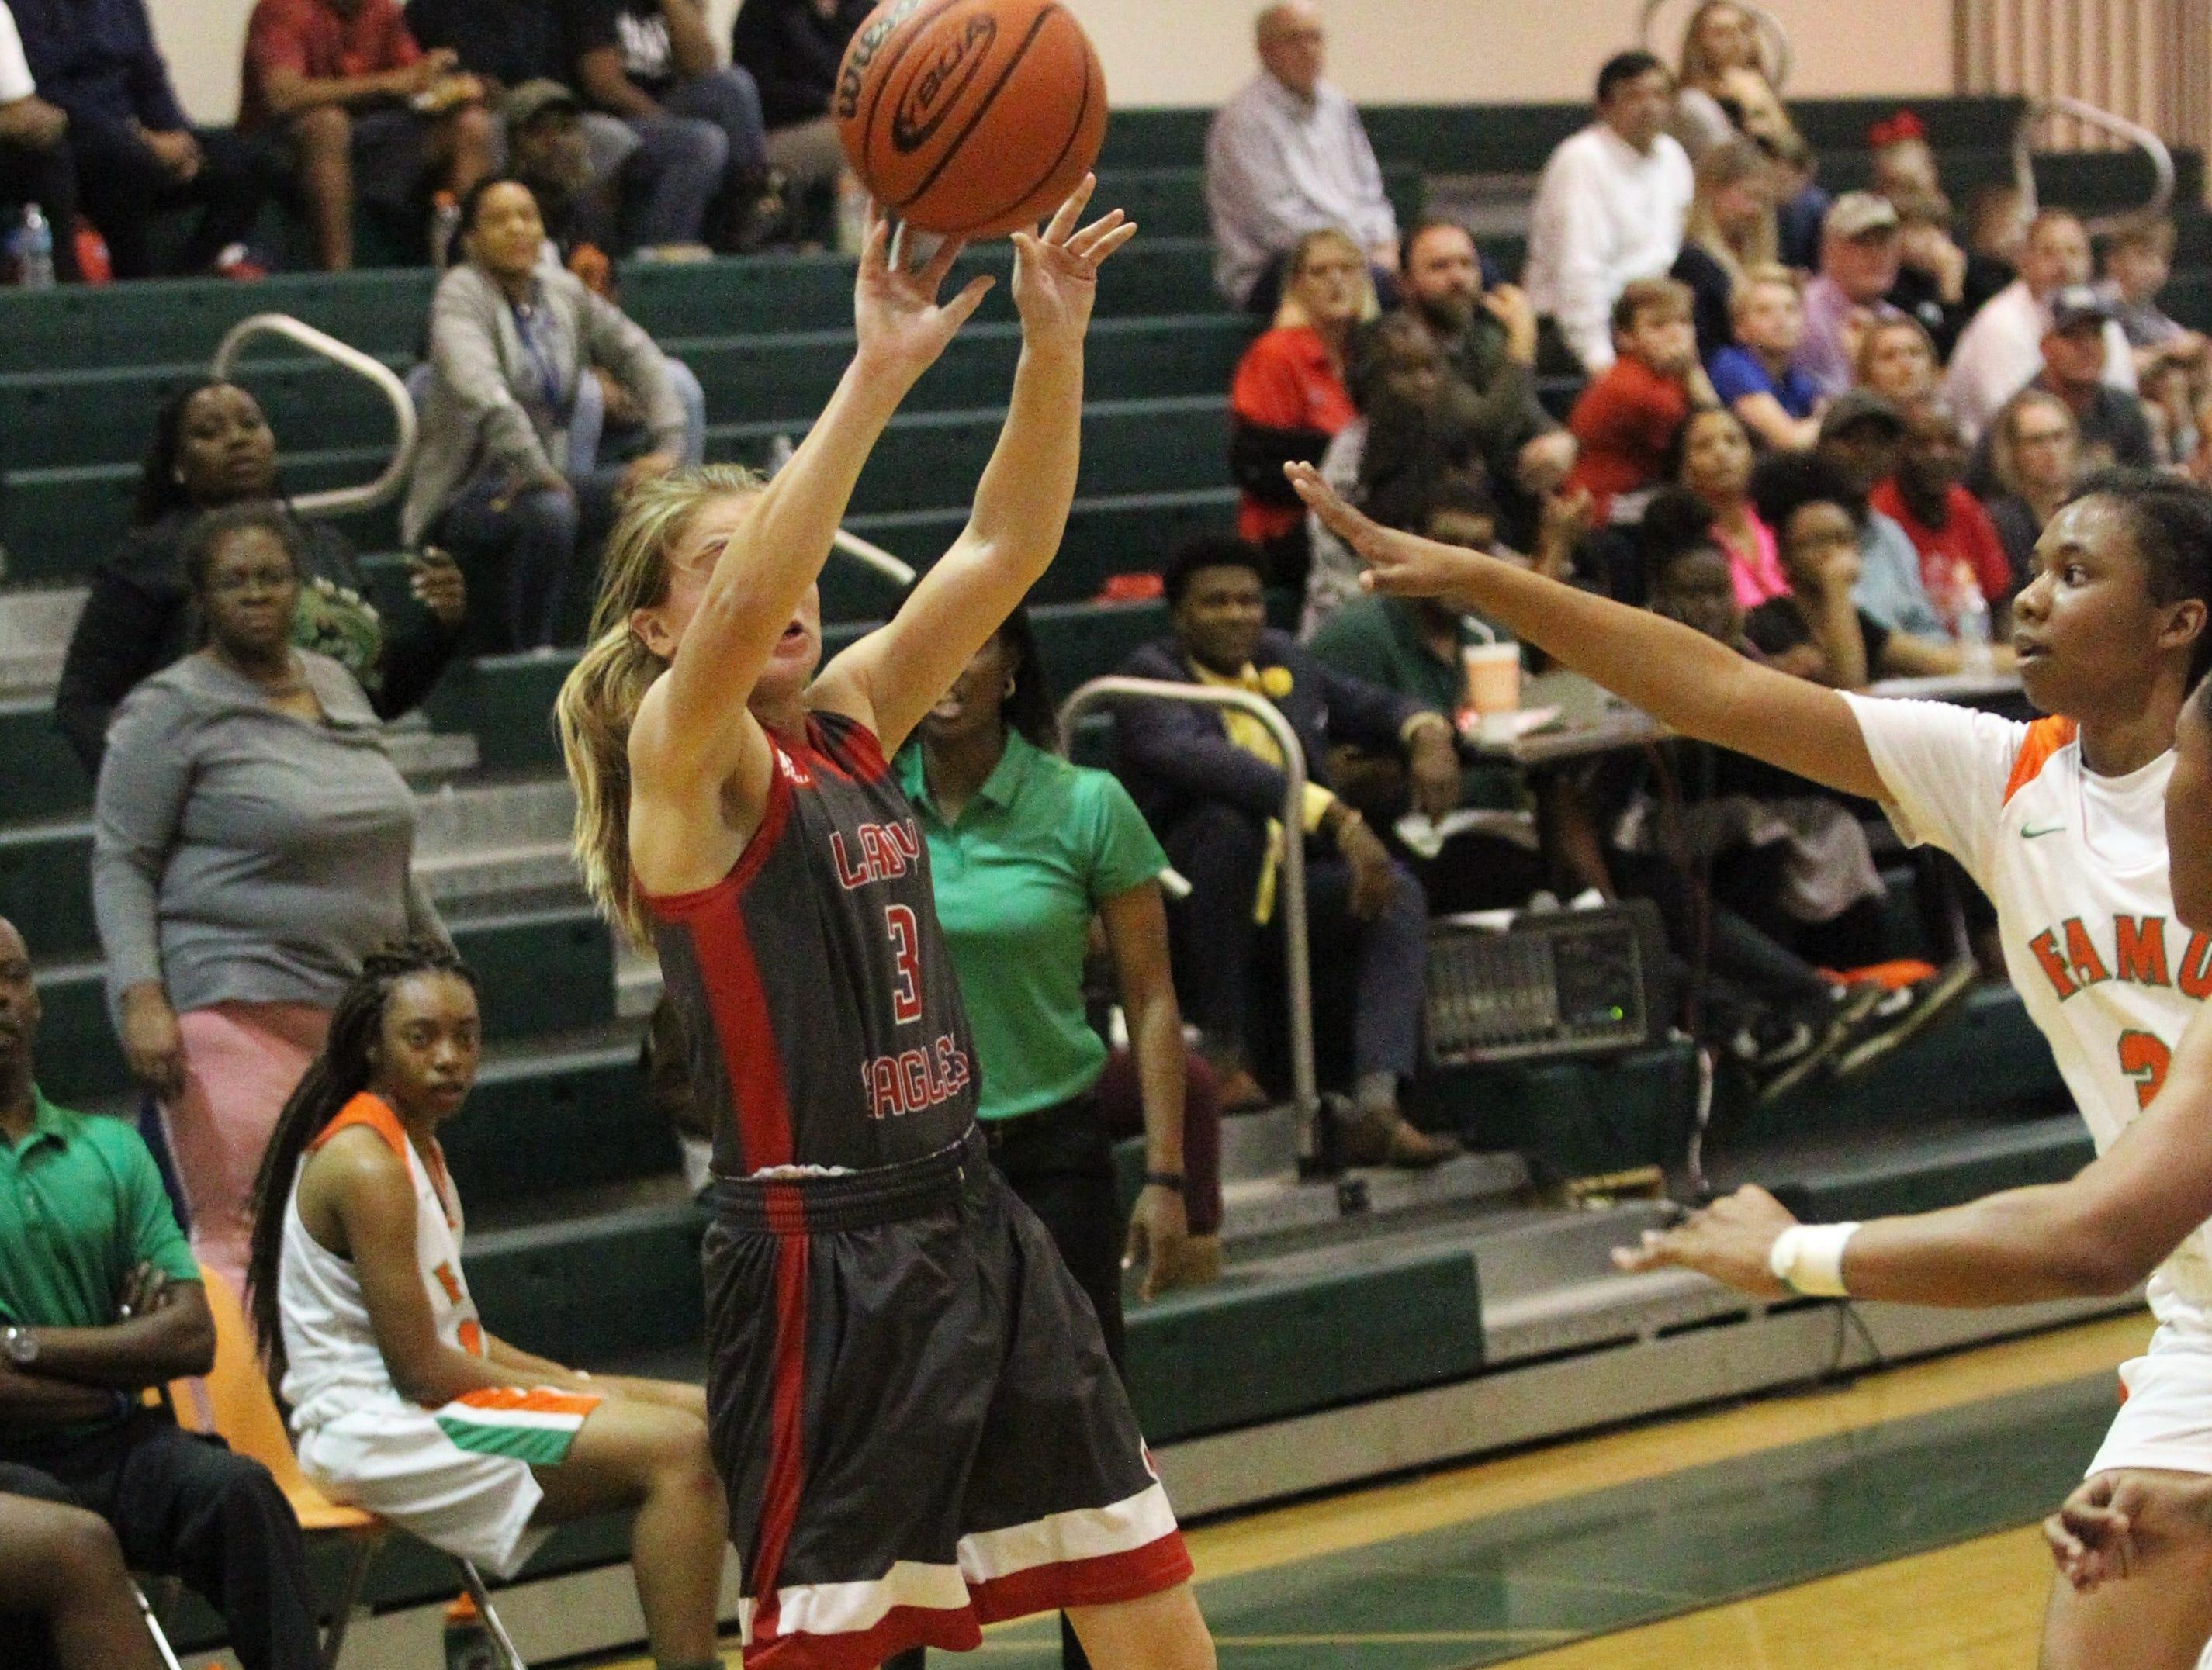 NFC freshman Emma Brice shoots an off-balance shot as FAMU DRS' girls basketball team beat NFC 59-41 for a District 1-3A title on Jan. 7, 2019.